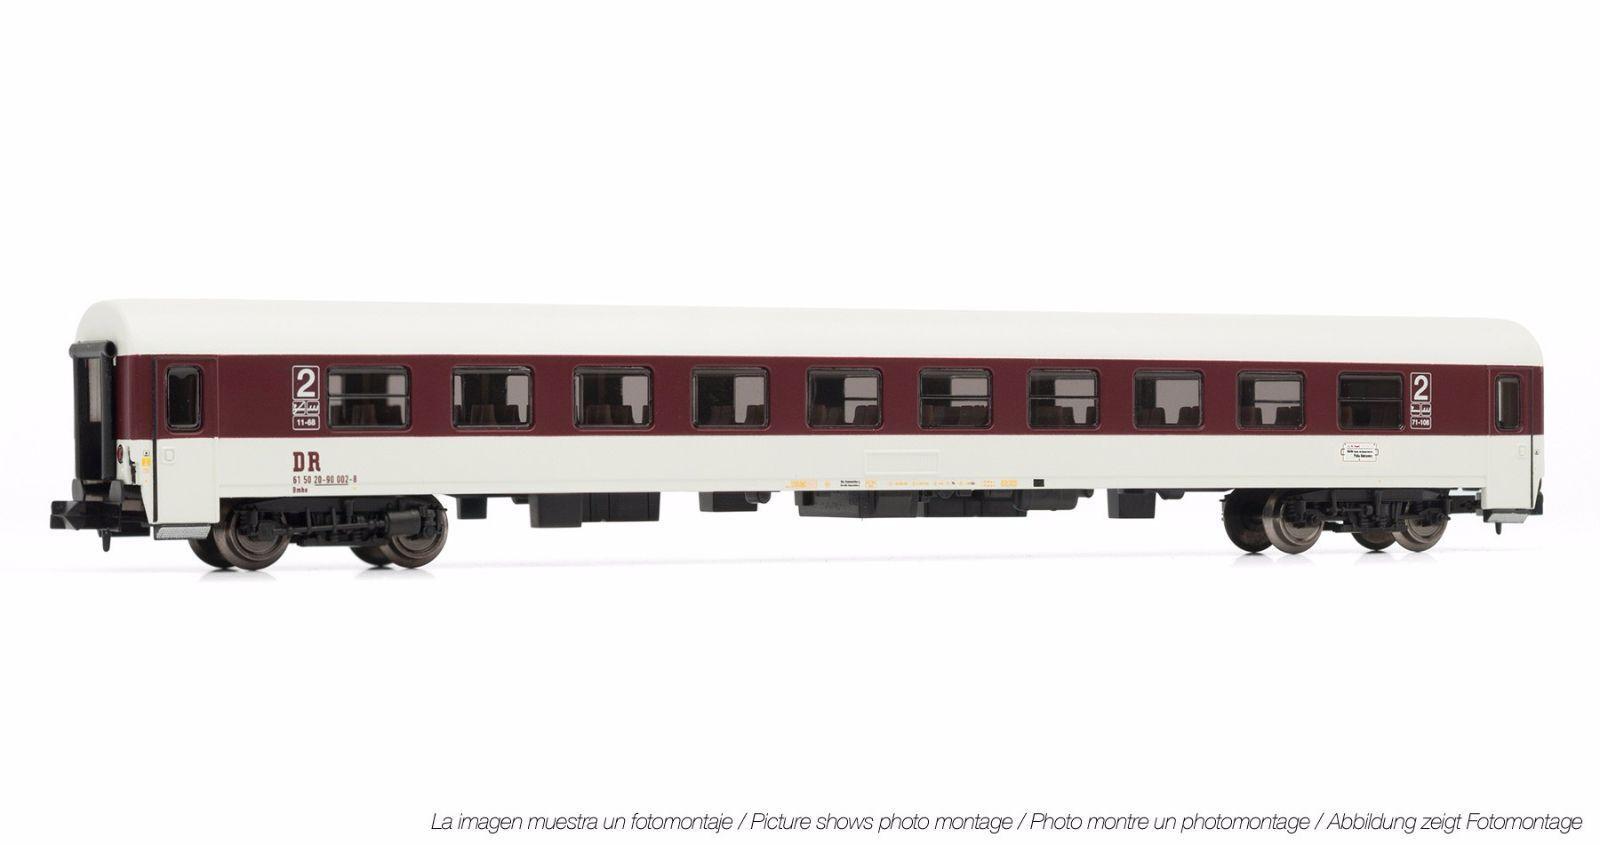 """Arnold Hn 4197 Vagón Expreso 2. Klasse """"Komfortwagen """" el Dr Ep.4, Rda Ic Vagón"""